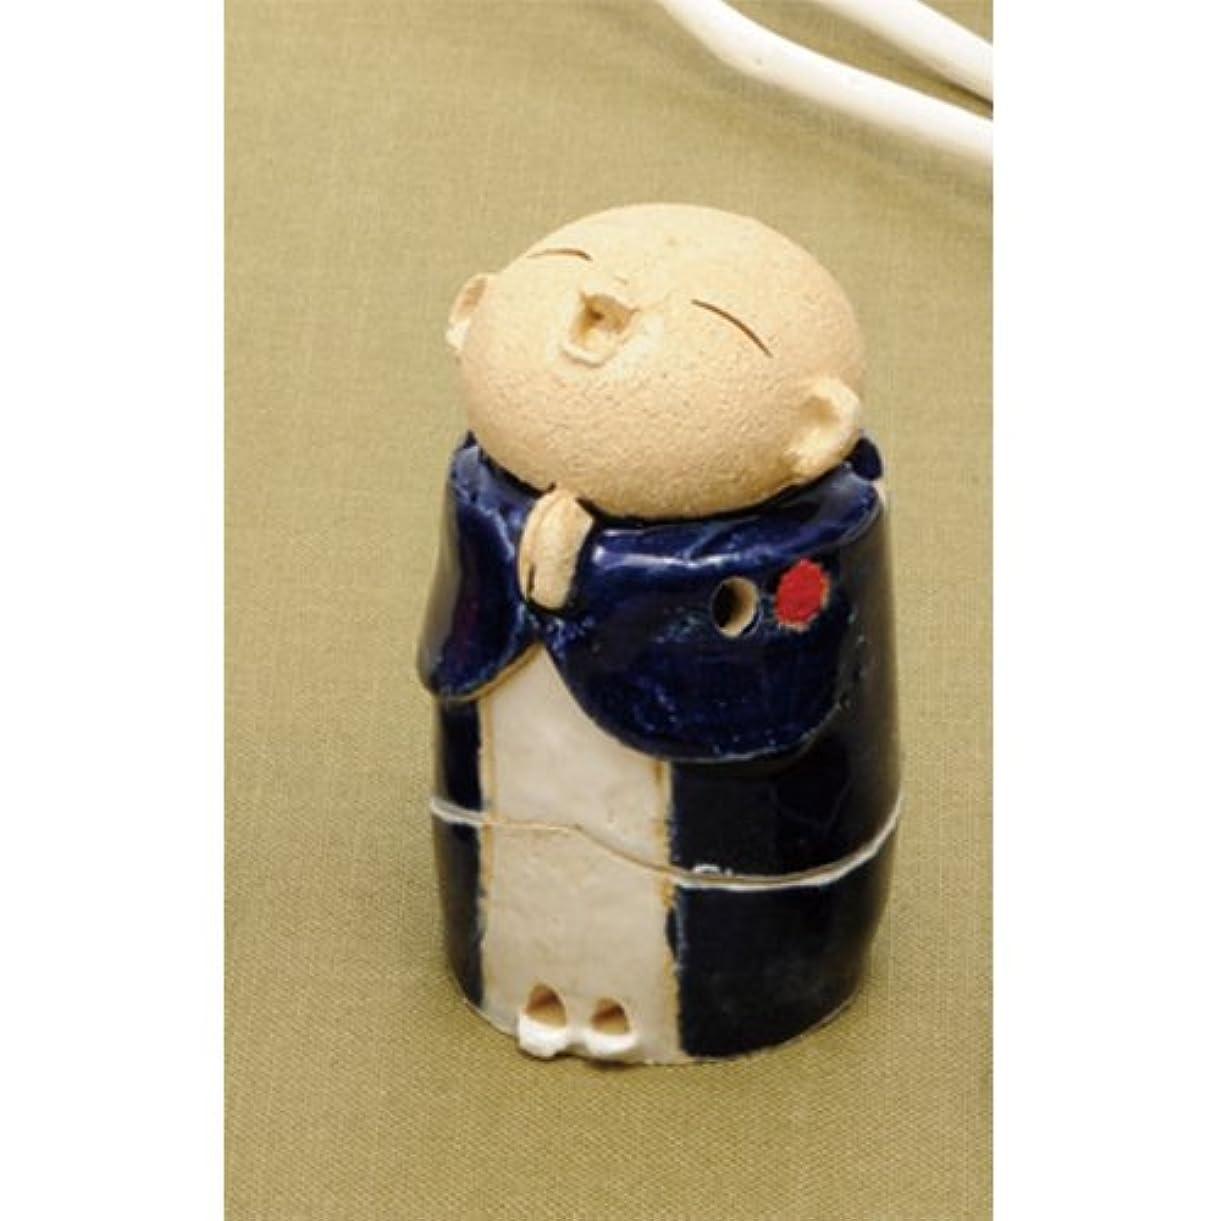 わずかにアンドリューハリディベーカリーお地蔵様 香炉シリーズ 青 お地蔵様 香炉 2.8寸 [H8.5cm] HANDMADE プレゼント ギフト 和食器 かわいい インテリア